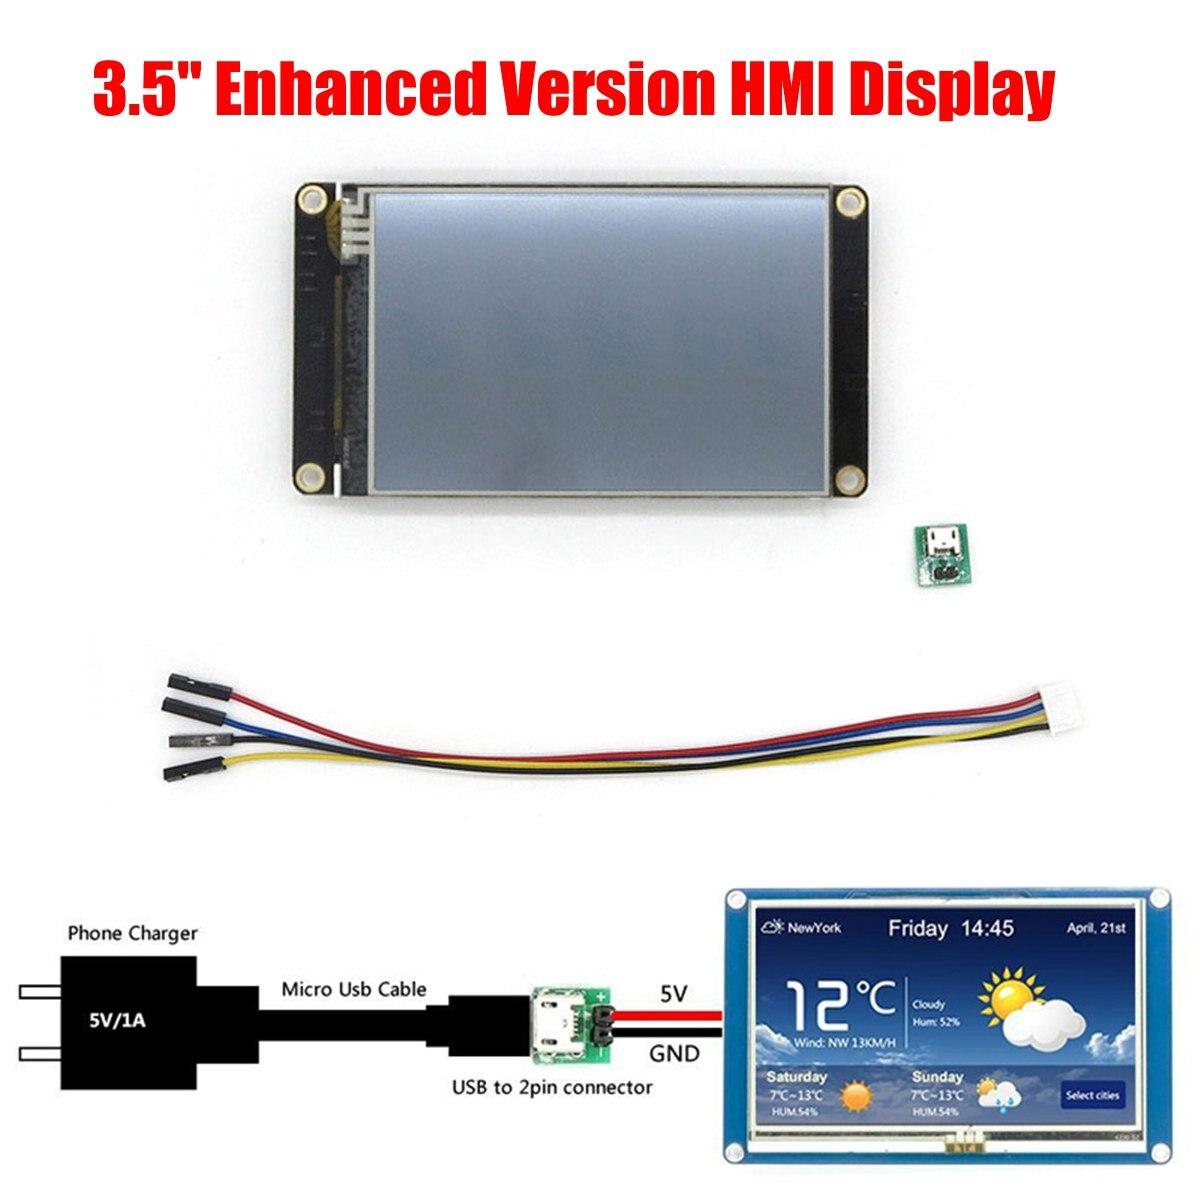 3.5 pouces Nextion amélioré HMI Intelligent Intelligent USART UART série Tou ch TFT LCD NX4832K035 panneau d'essai LCD Module panneau d'affichage